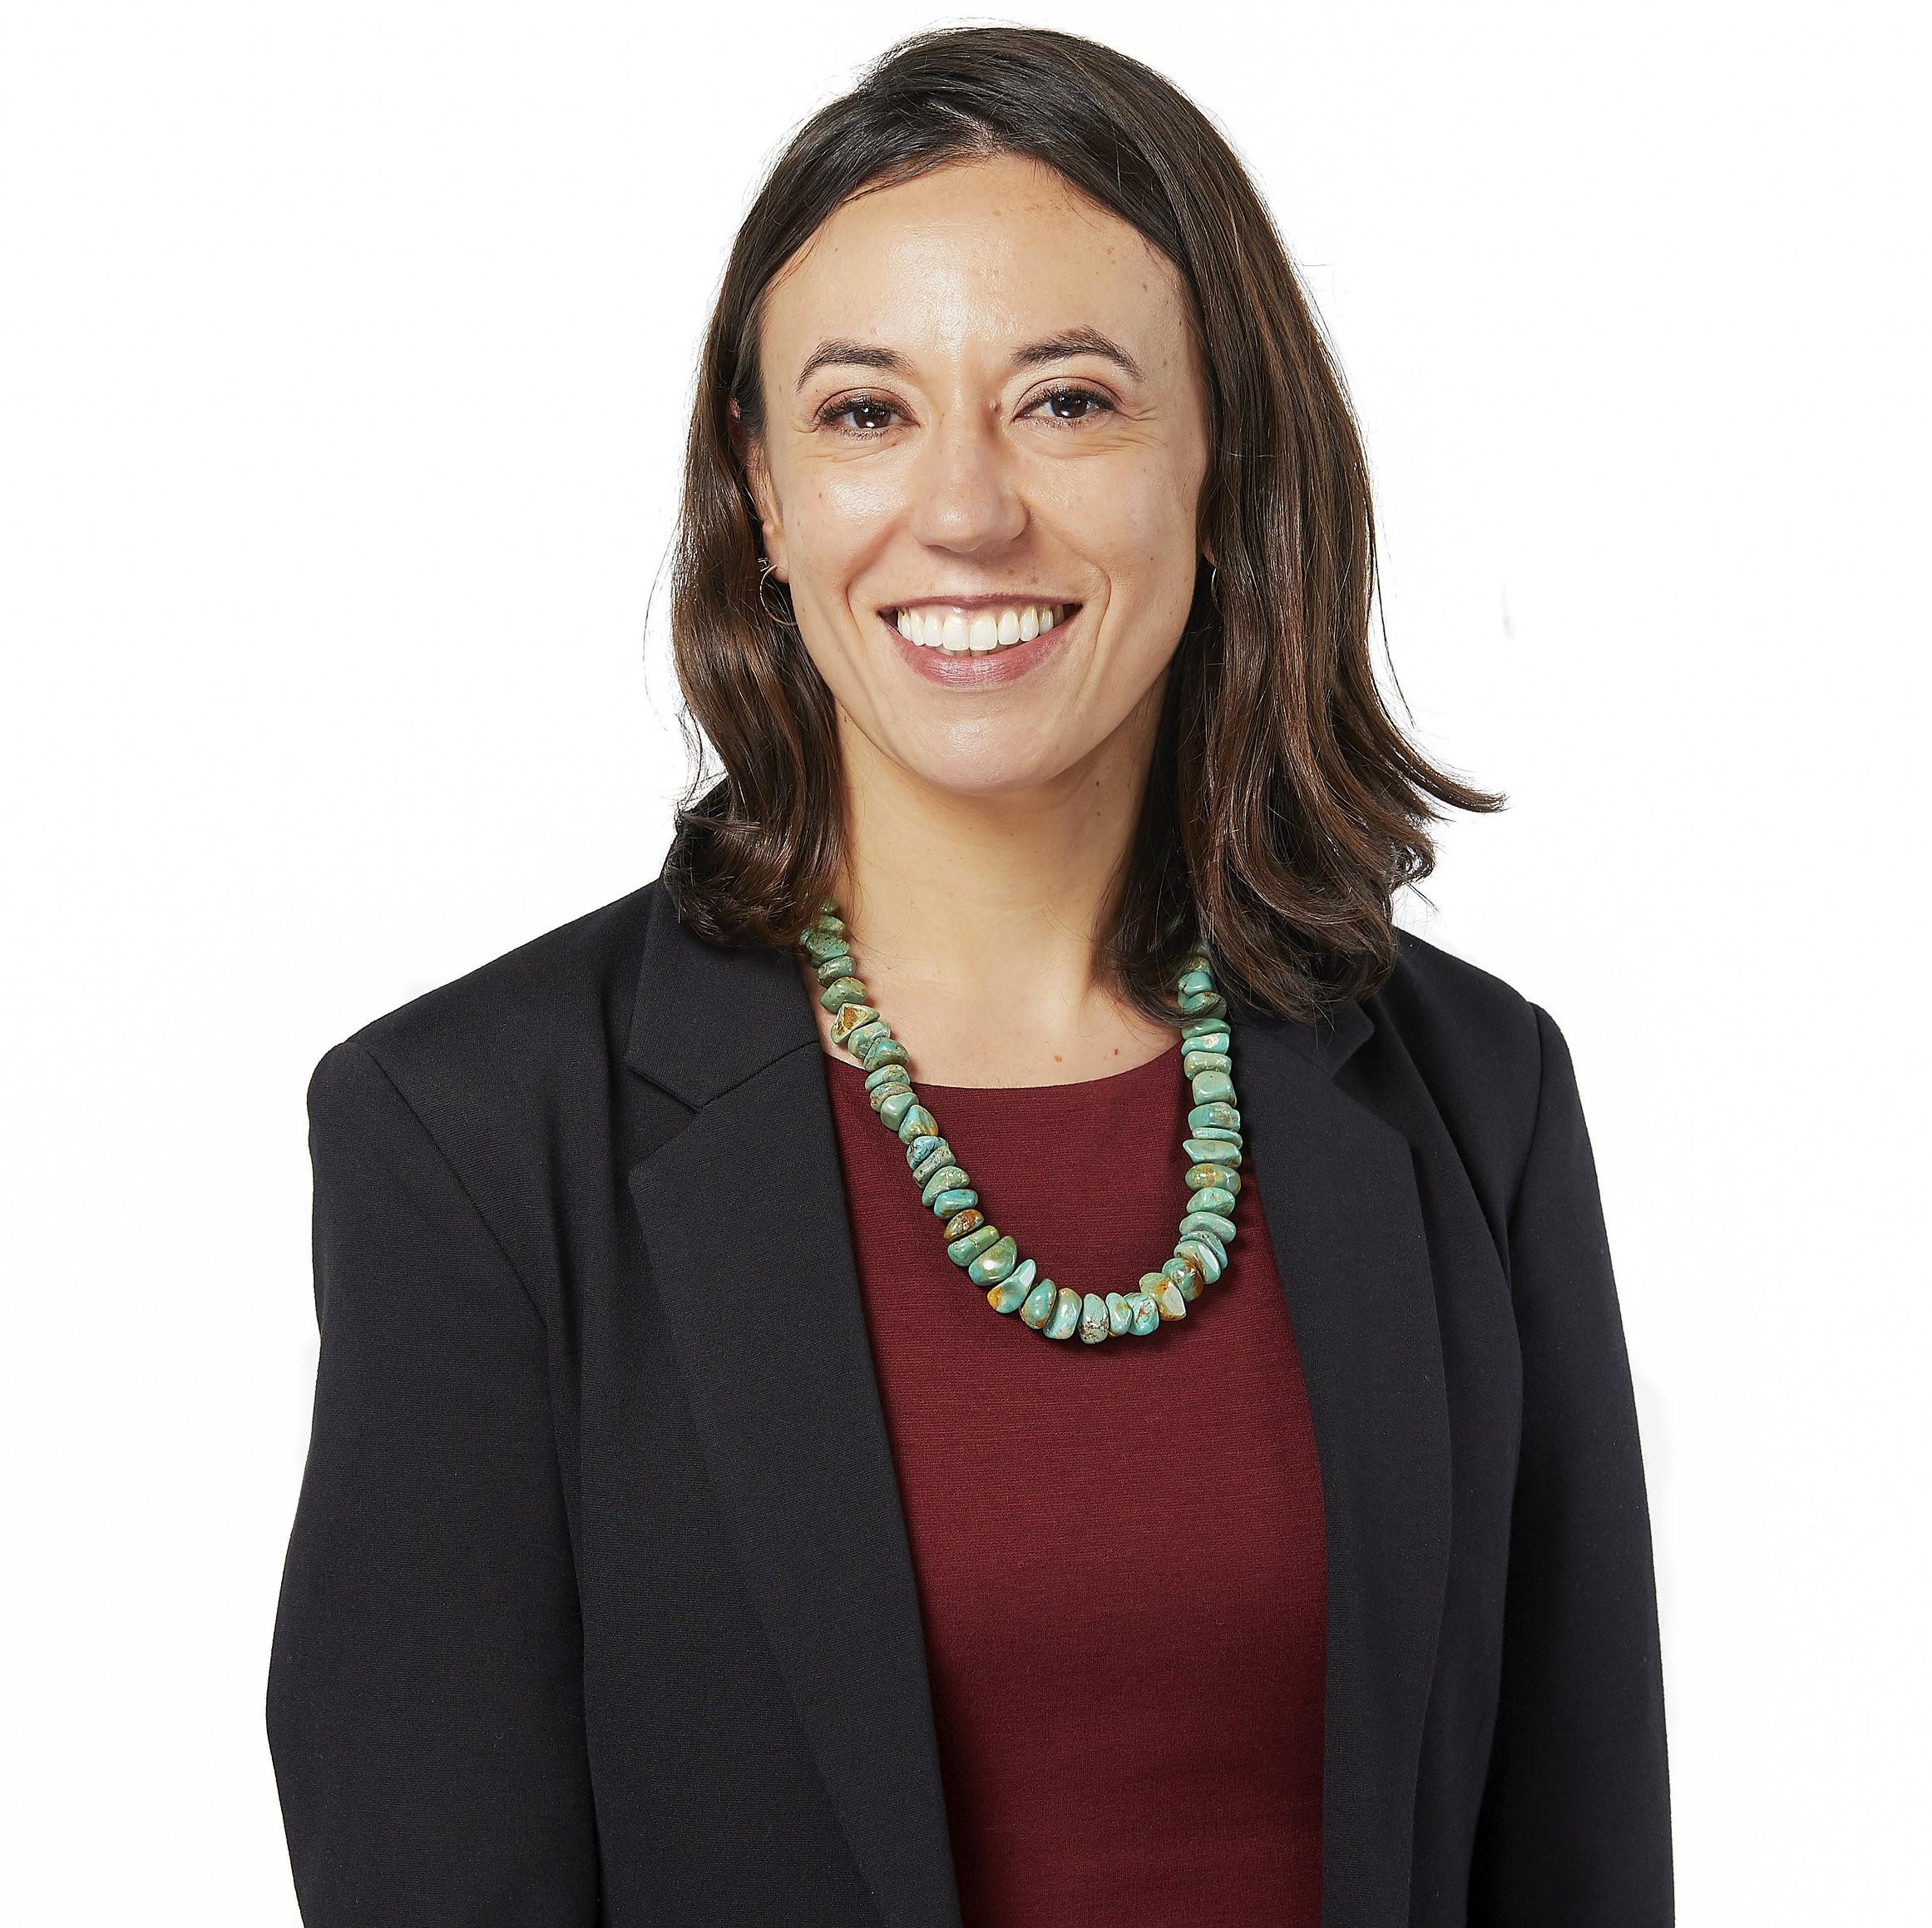 Bernadette Pilar Zermeno